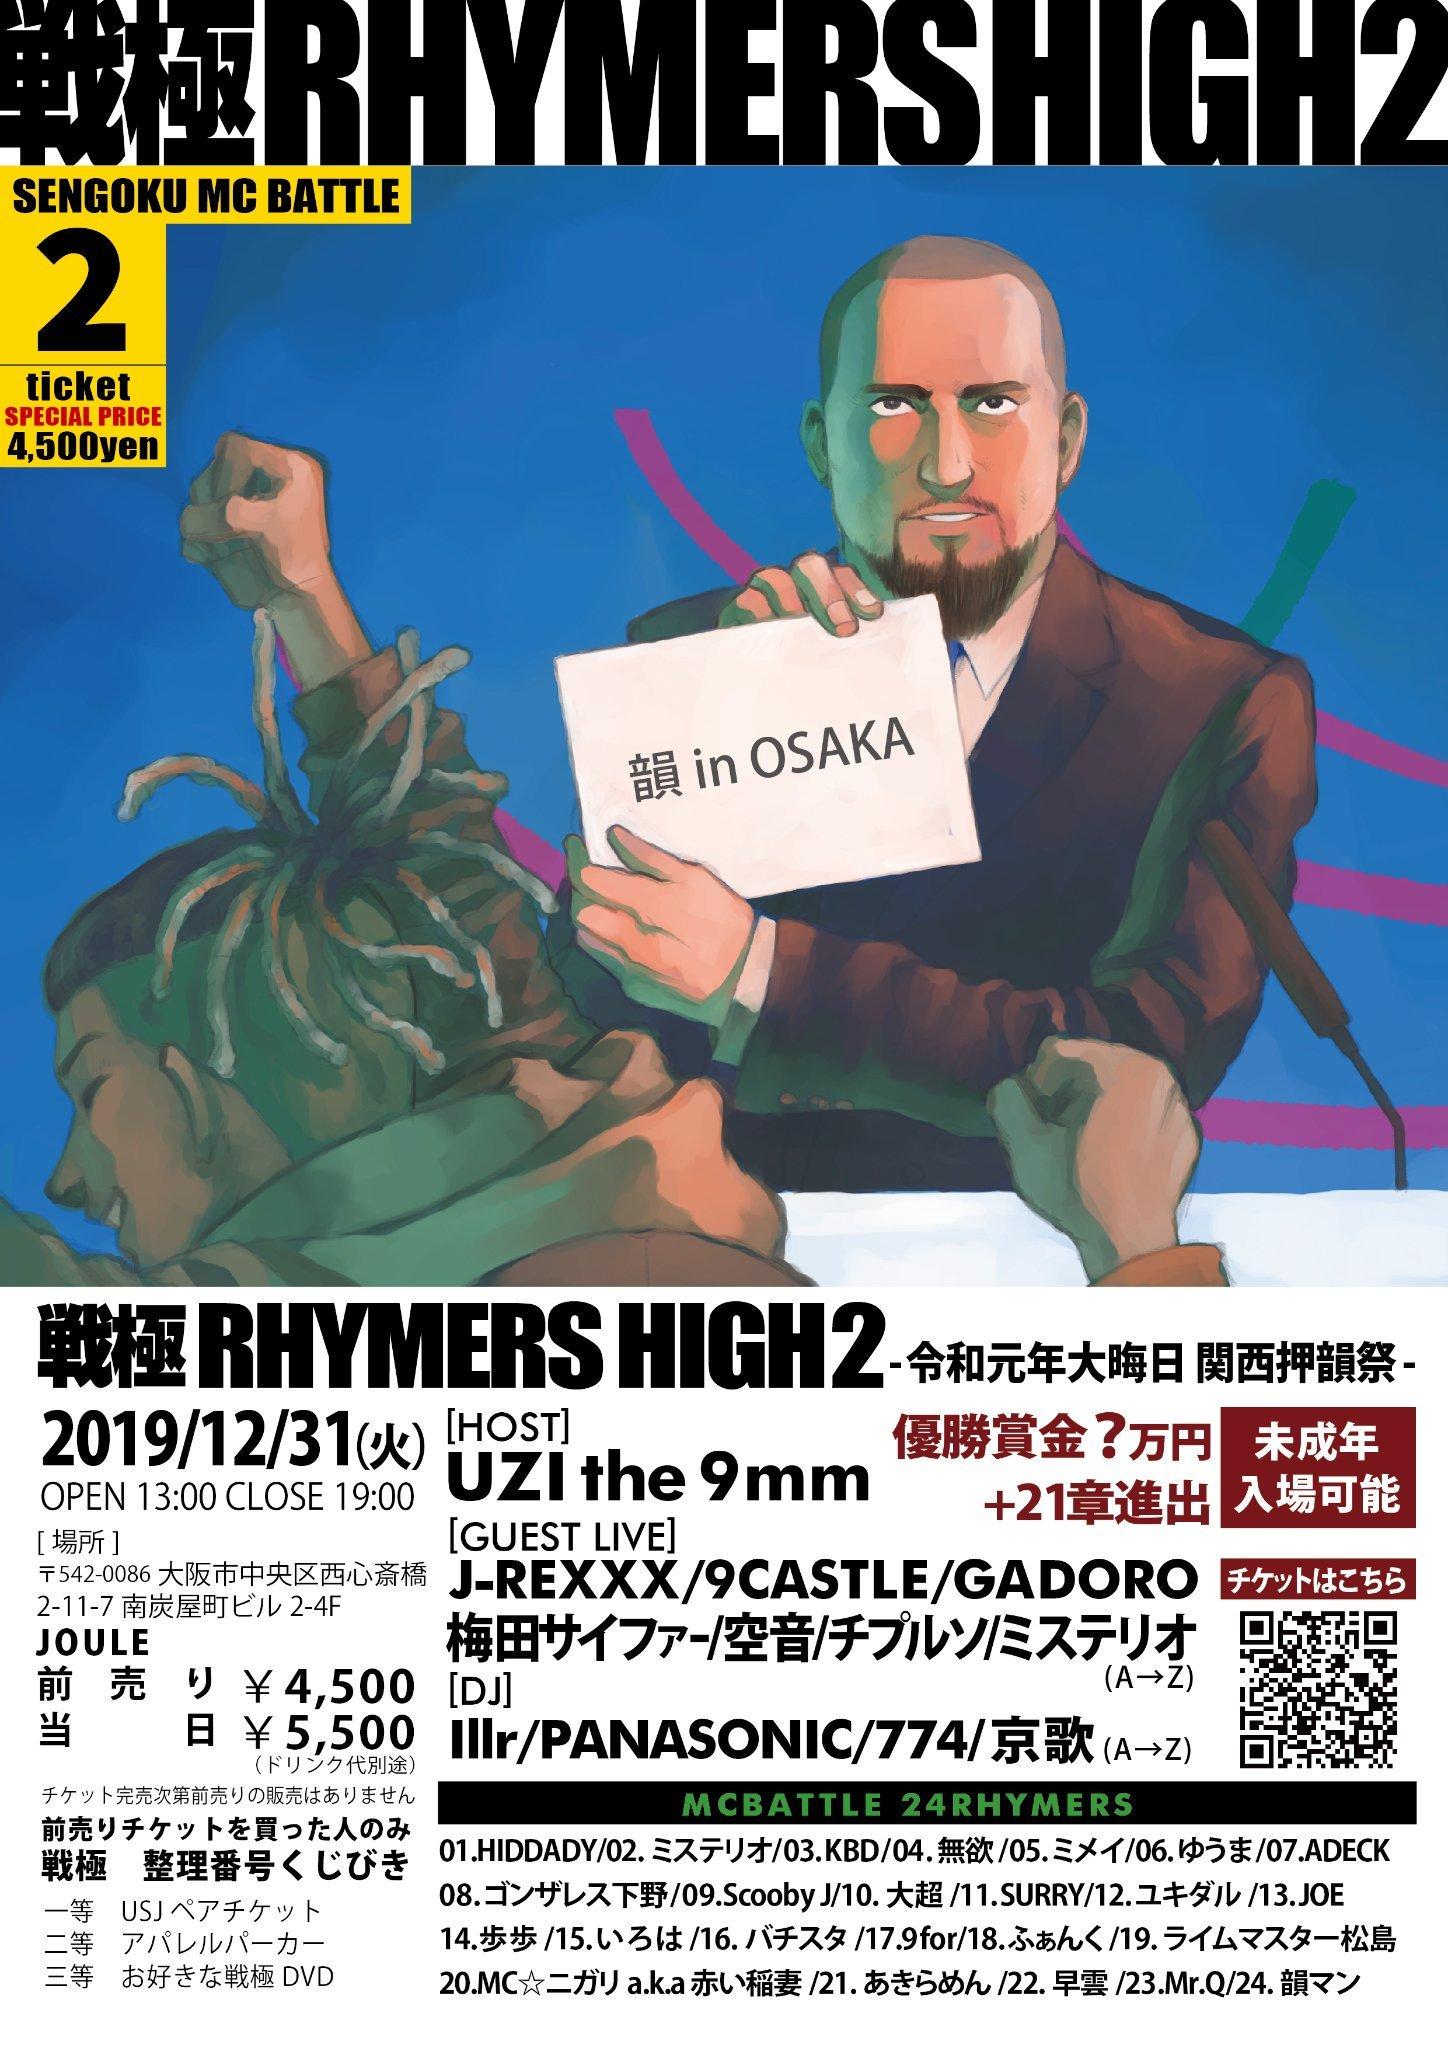 12/31 大阪 戦極戦極RHYMERS HIGH2 タイムテーブル発表_e0246863_20180706.jpg